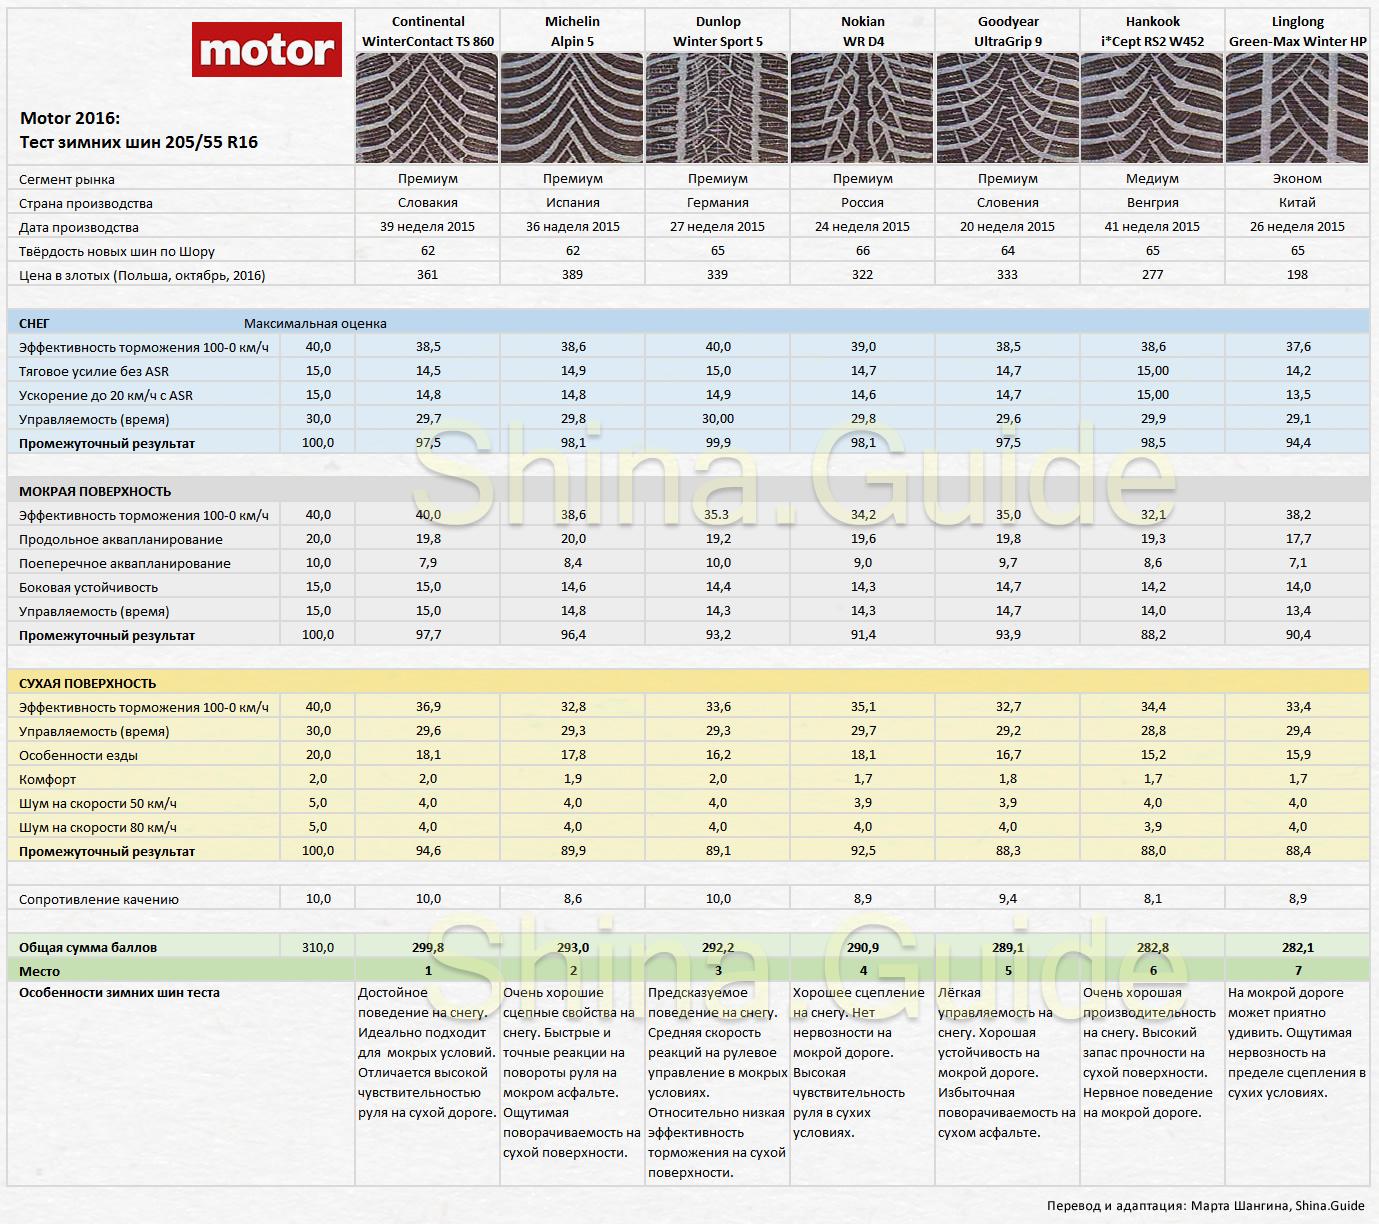 Тест зимних шин 205/55 R16 от польского Motor, сводная таблица результатов